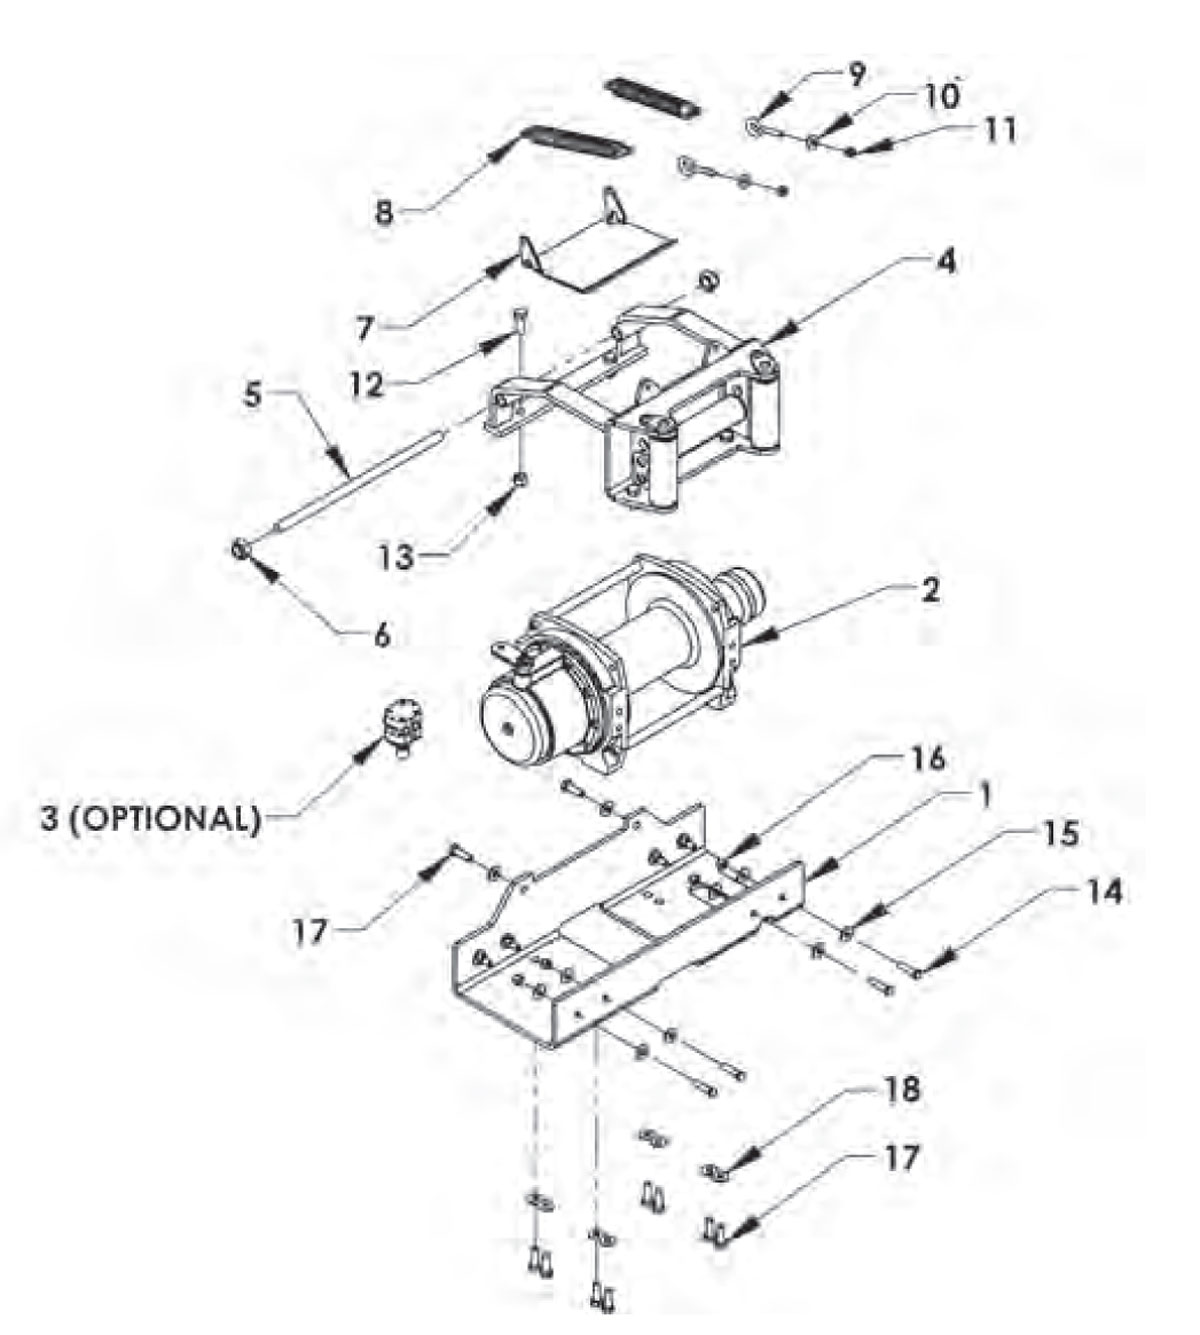 warn winch wiring diagram xd9000i workflow software free schematic database